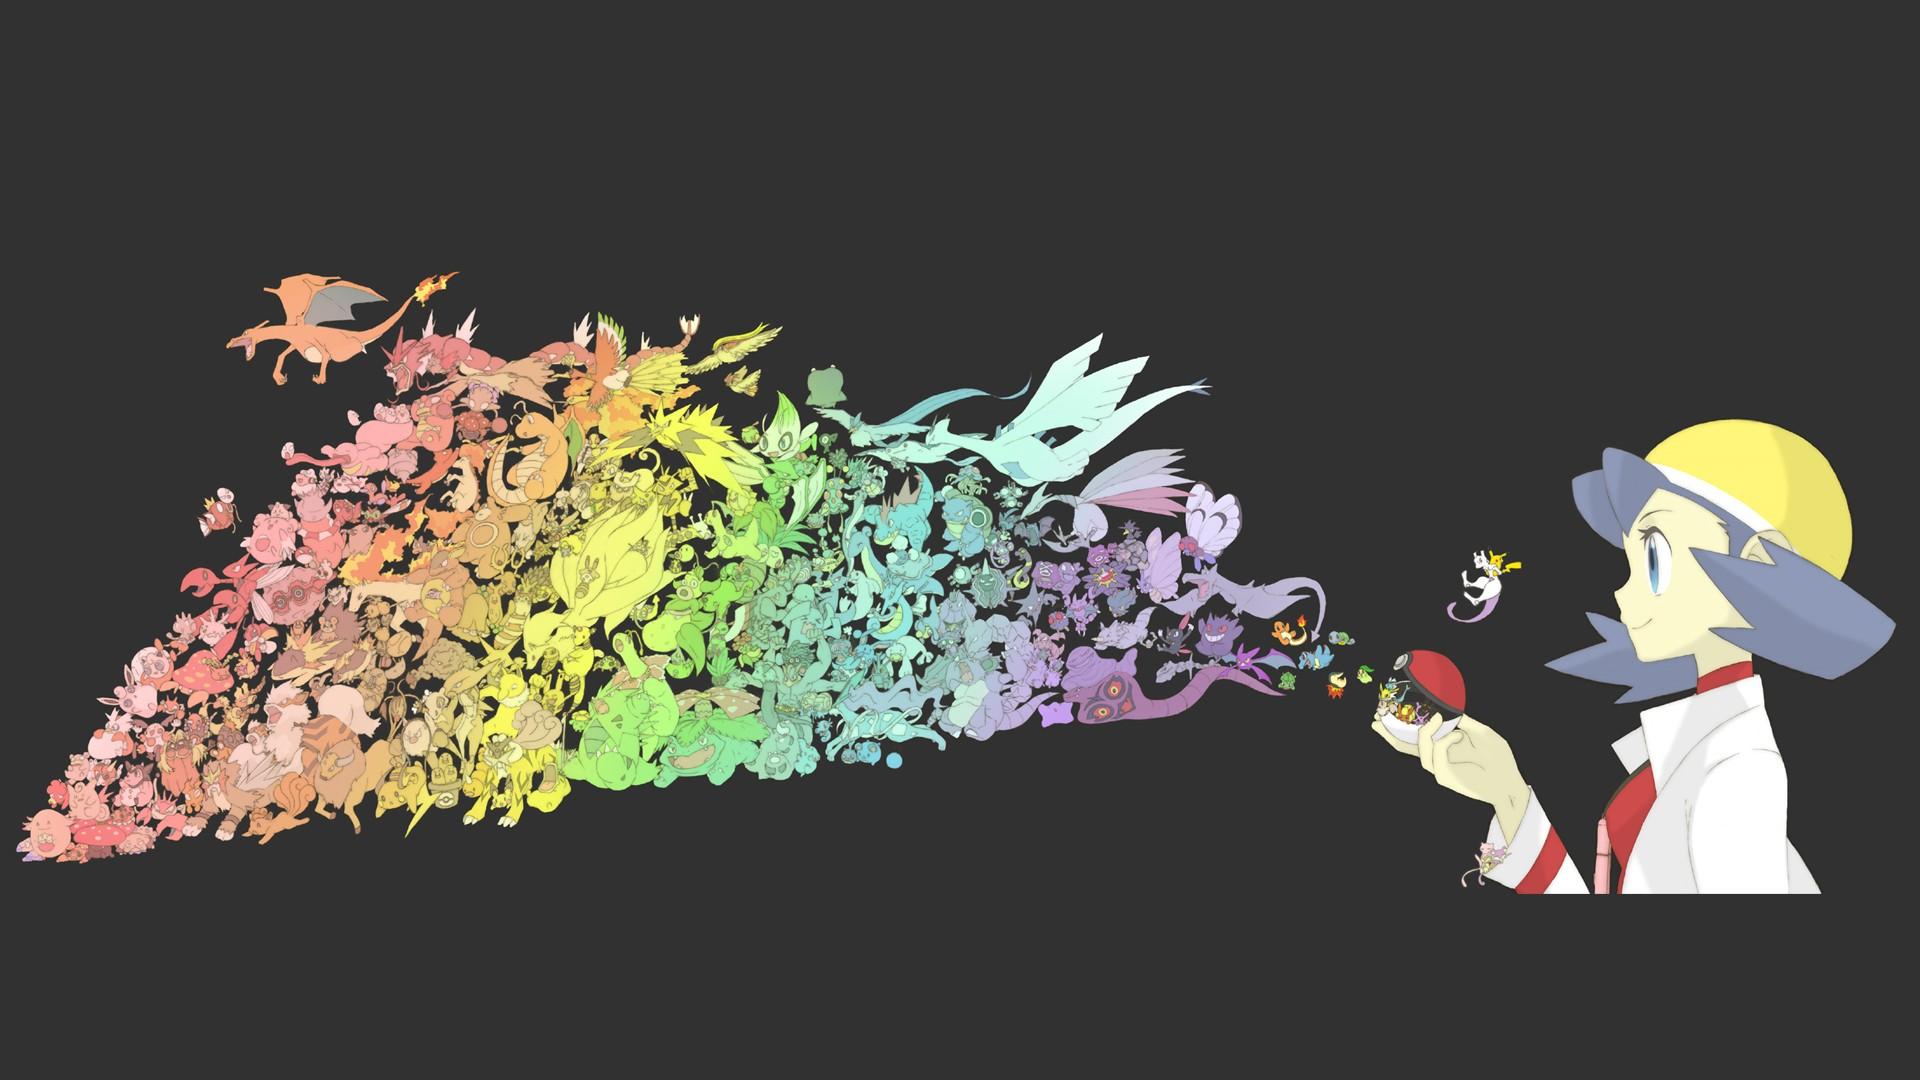 Pokemon Wallpaper 1920x1080